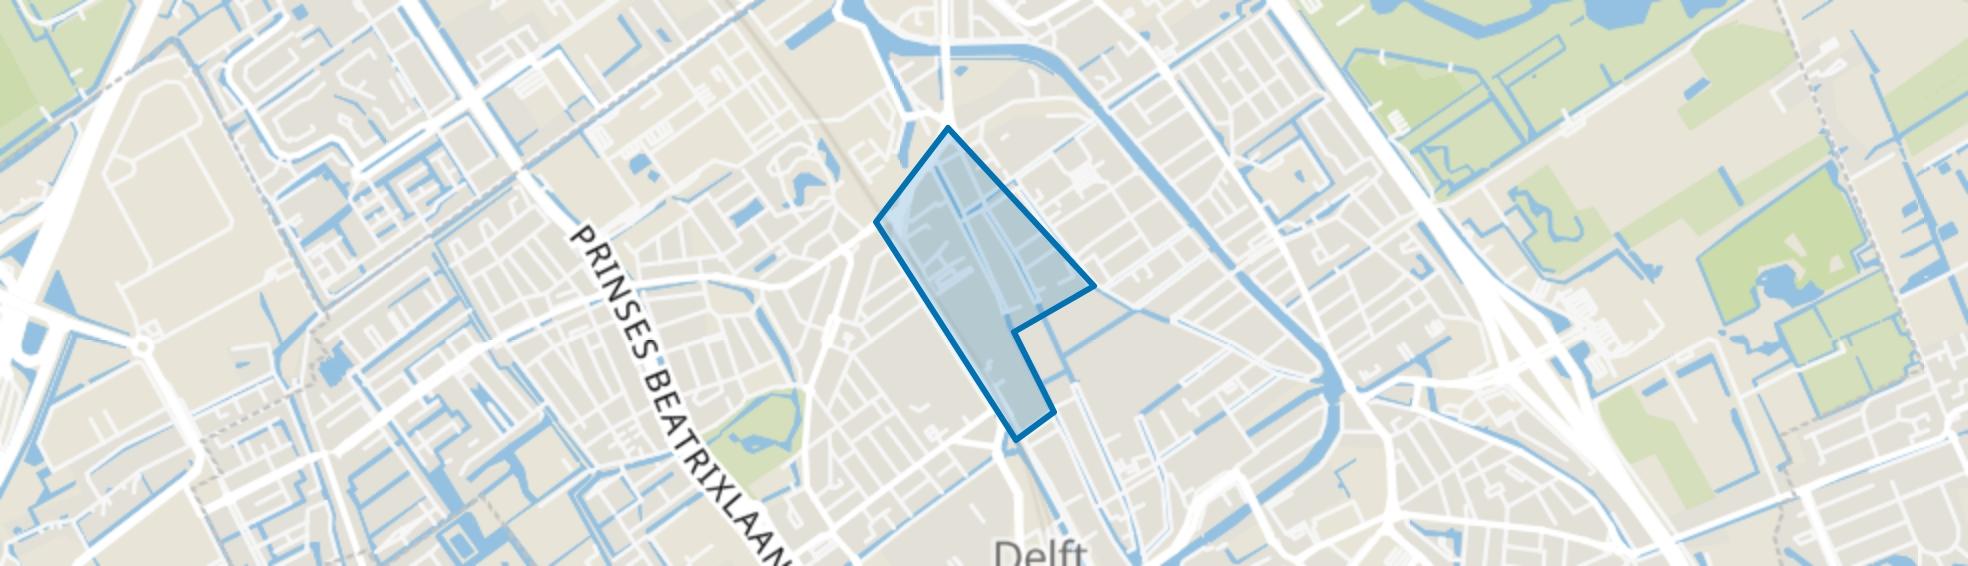 Centrum-West, Delft map